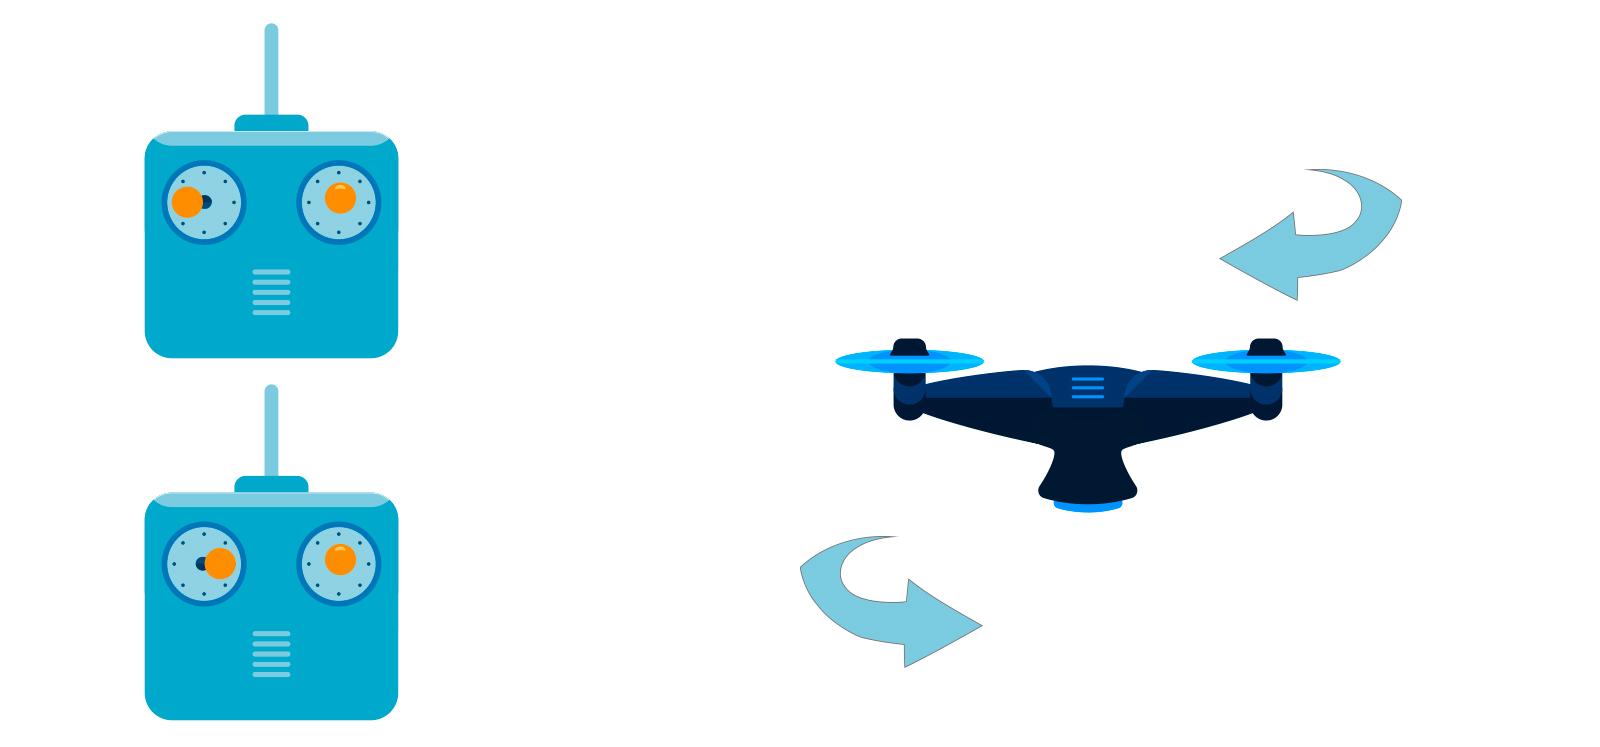 guiñada-o-yaw-drones-controles-comprar-drones-online